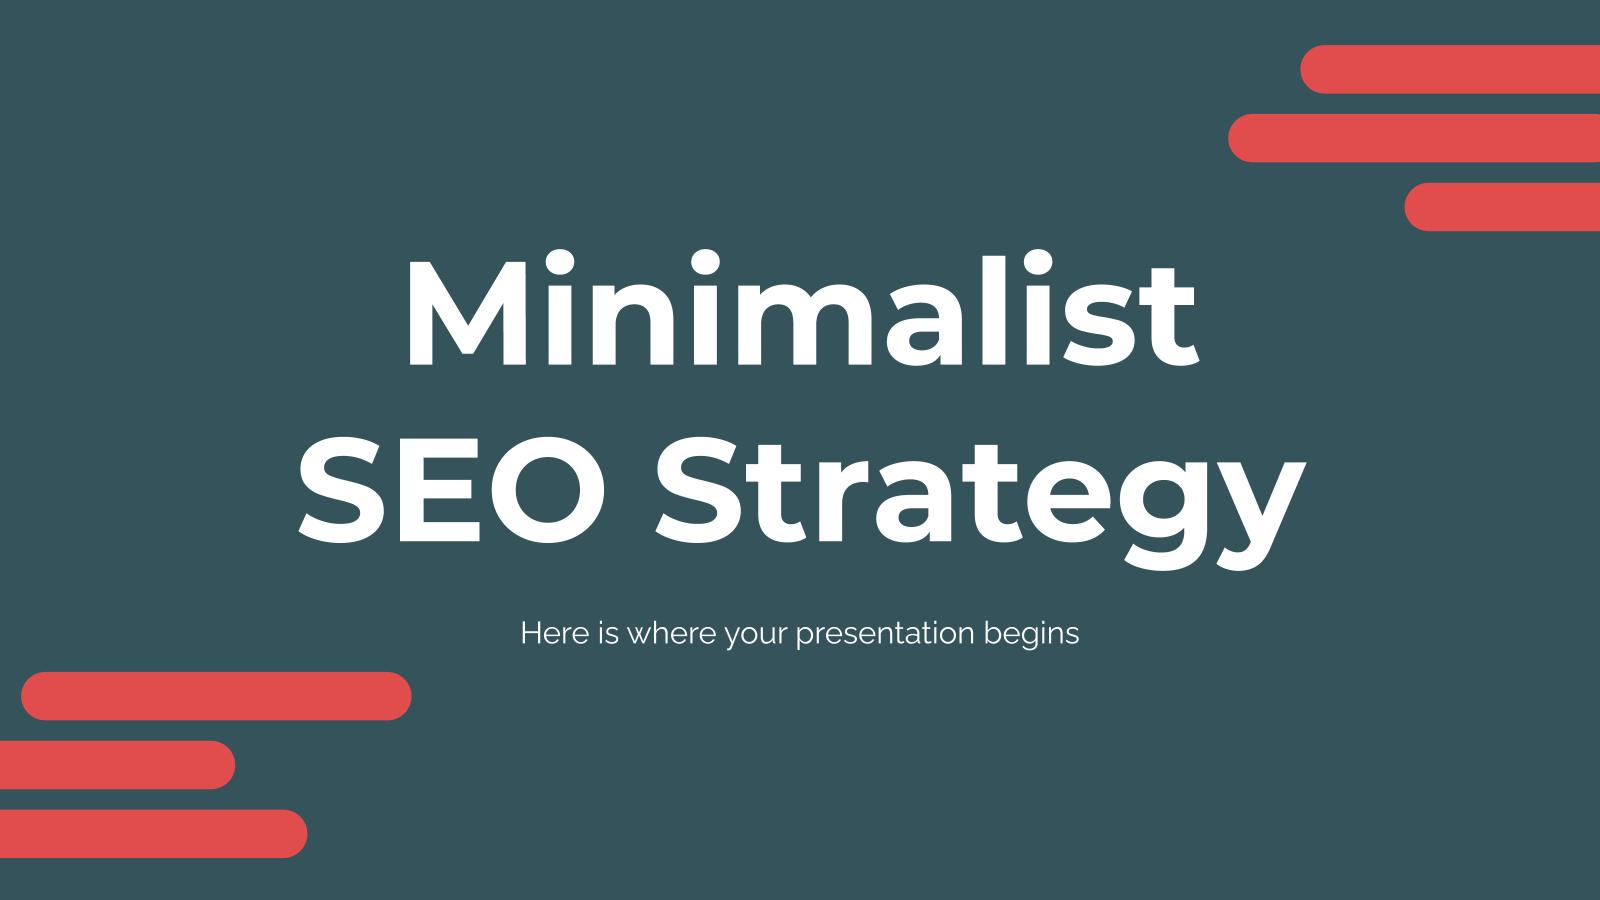 Minimalistische SEO-Strategie Präsentationsvorlage